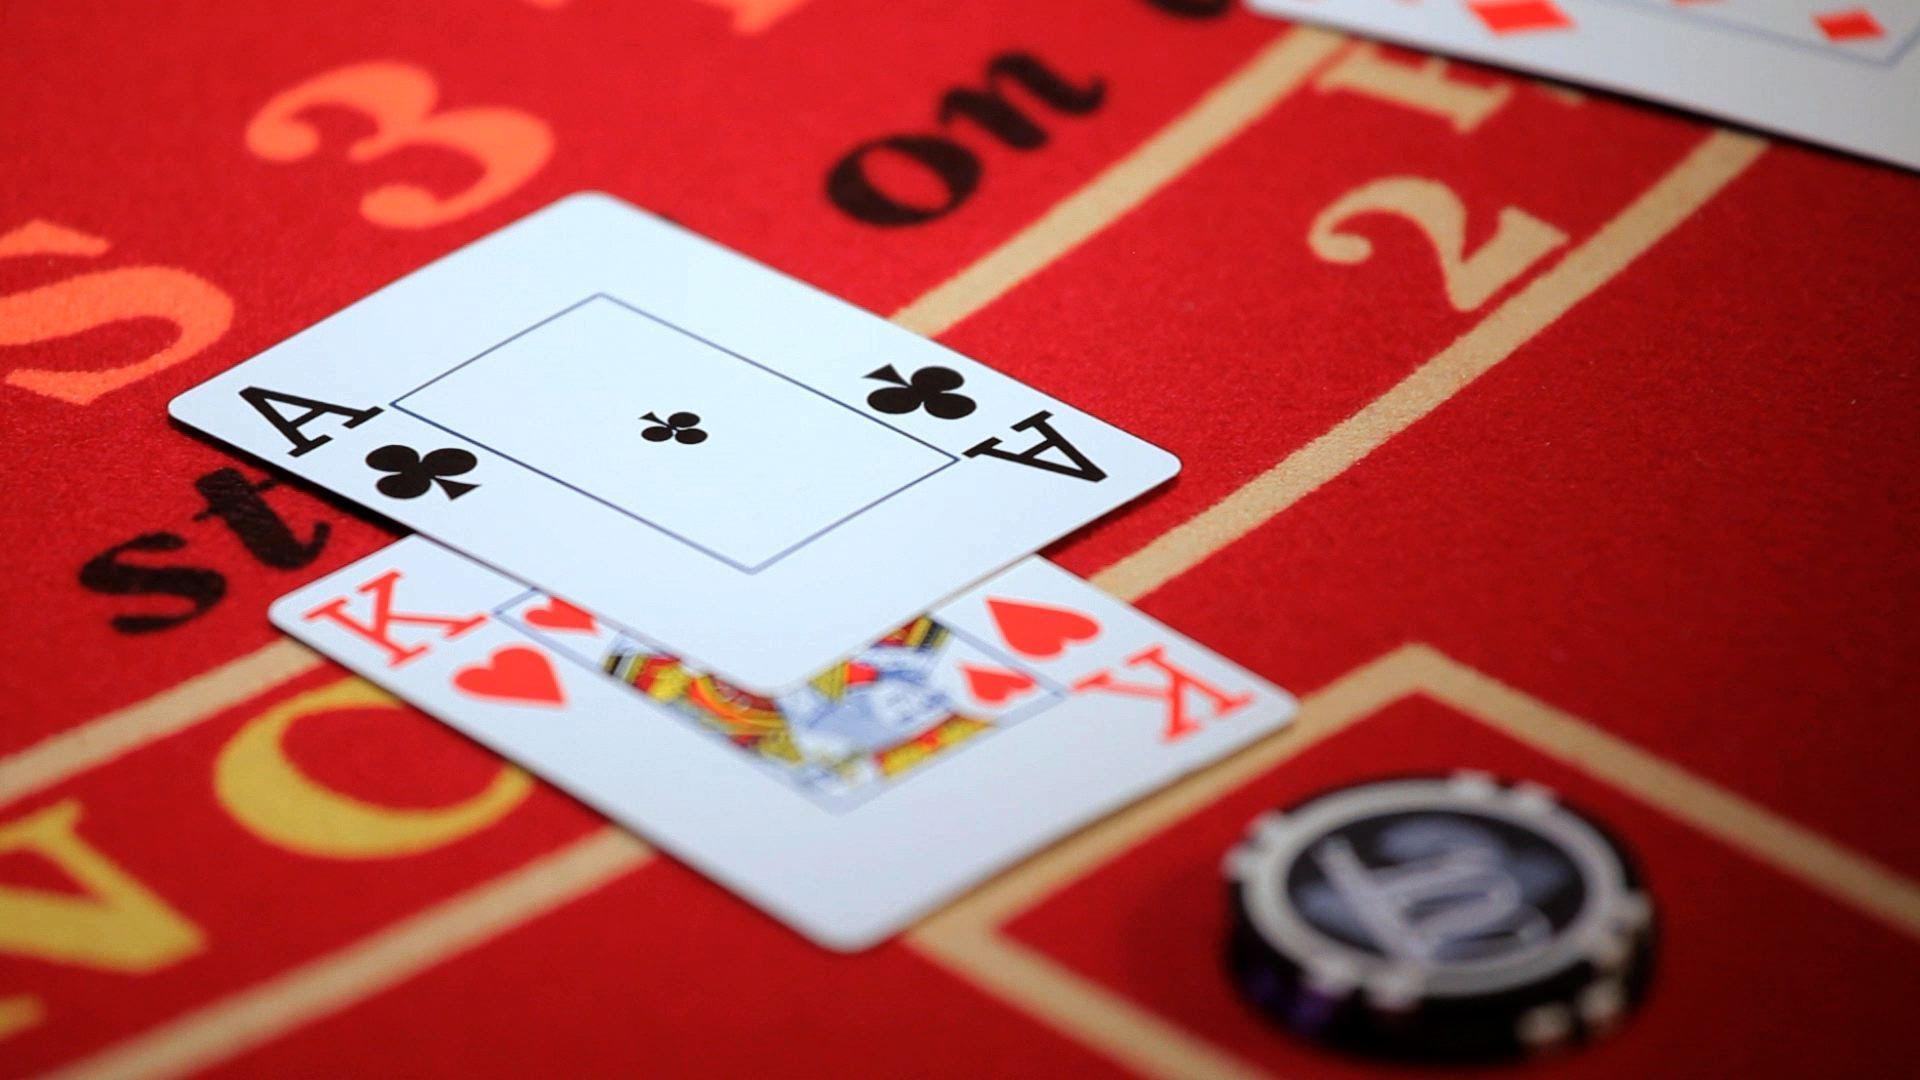 Jeux casino: comment y accéder?